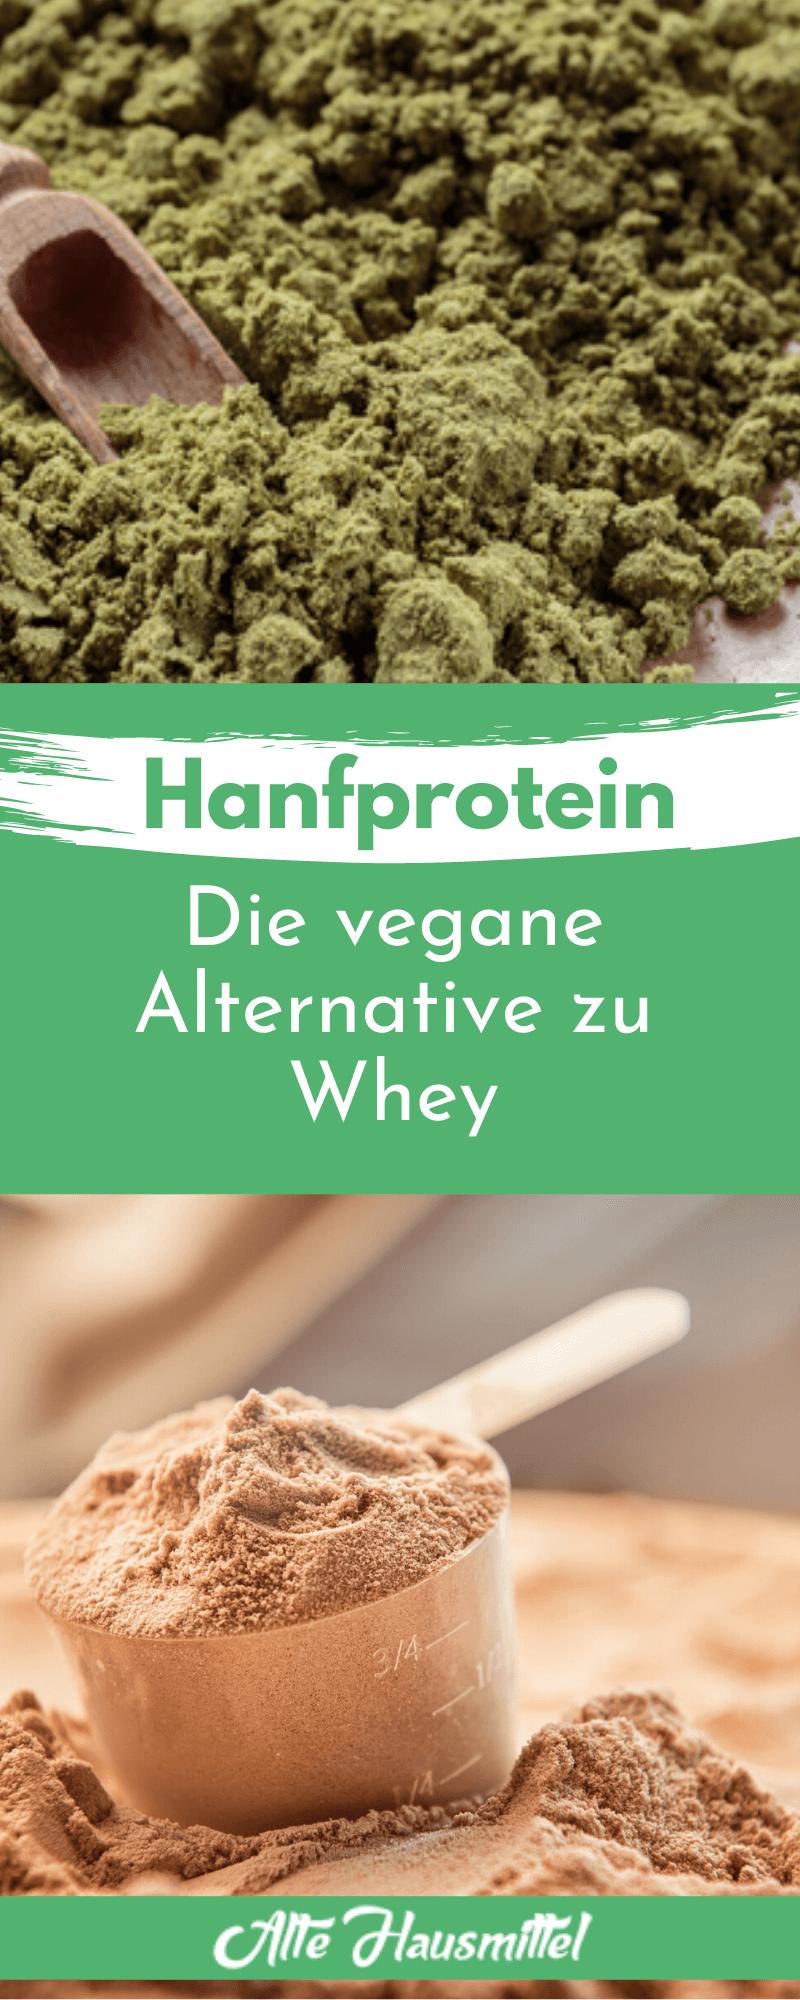 Hanfprotein – Die vegane Alternative zu Whey